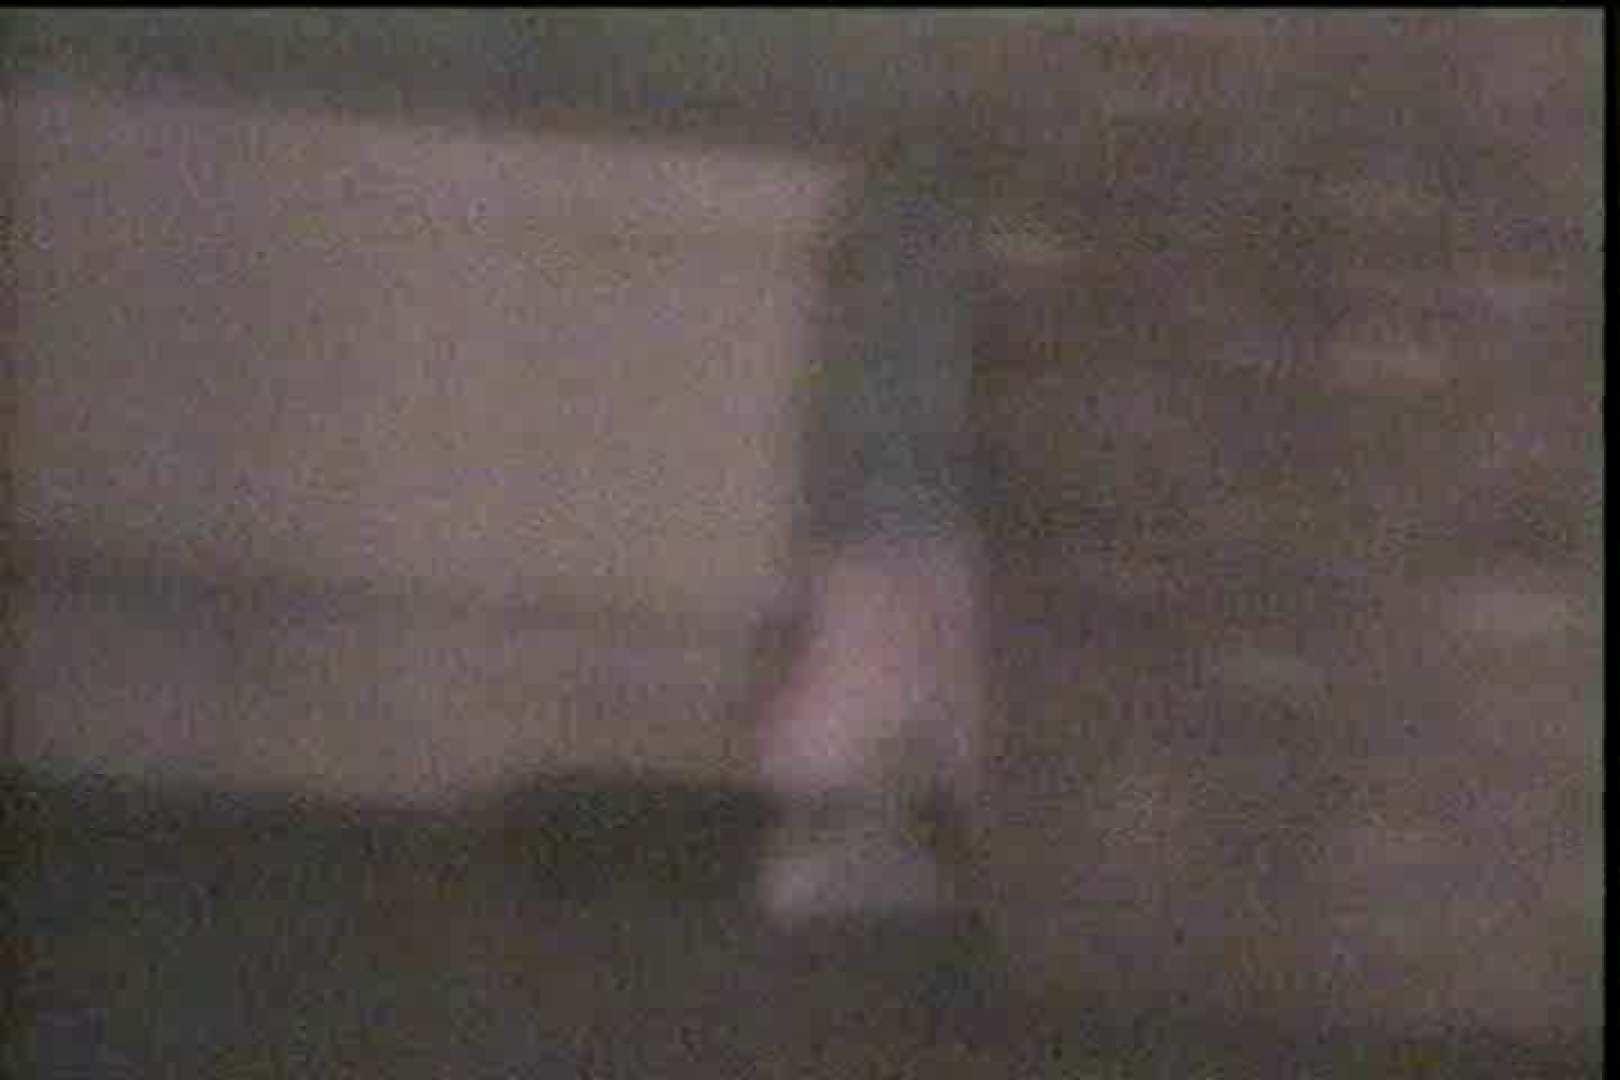 闇の仕掛け人 無修正版 Vol.19 フリーハンド  106pic 30